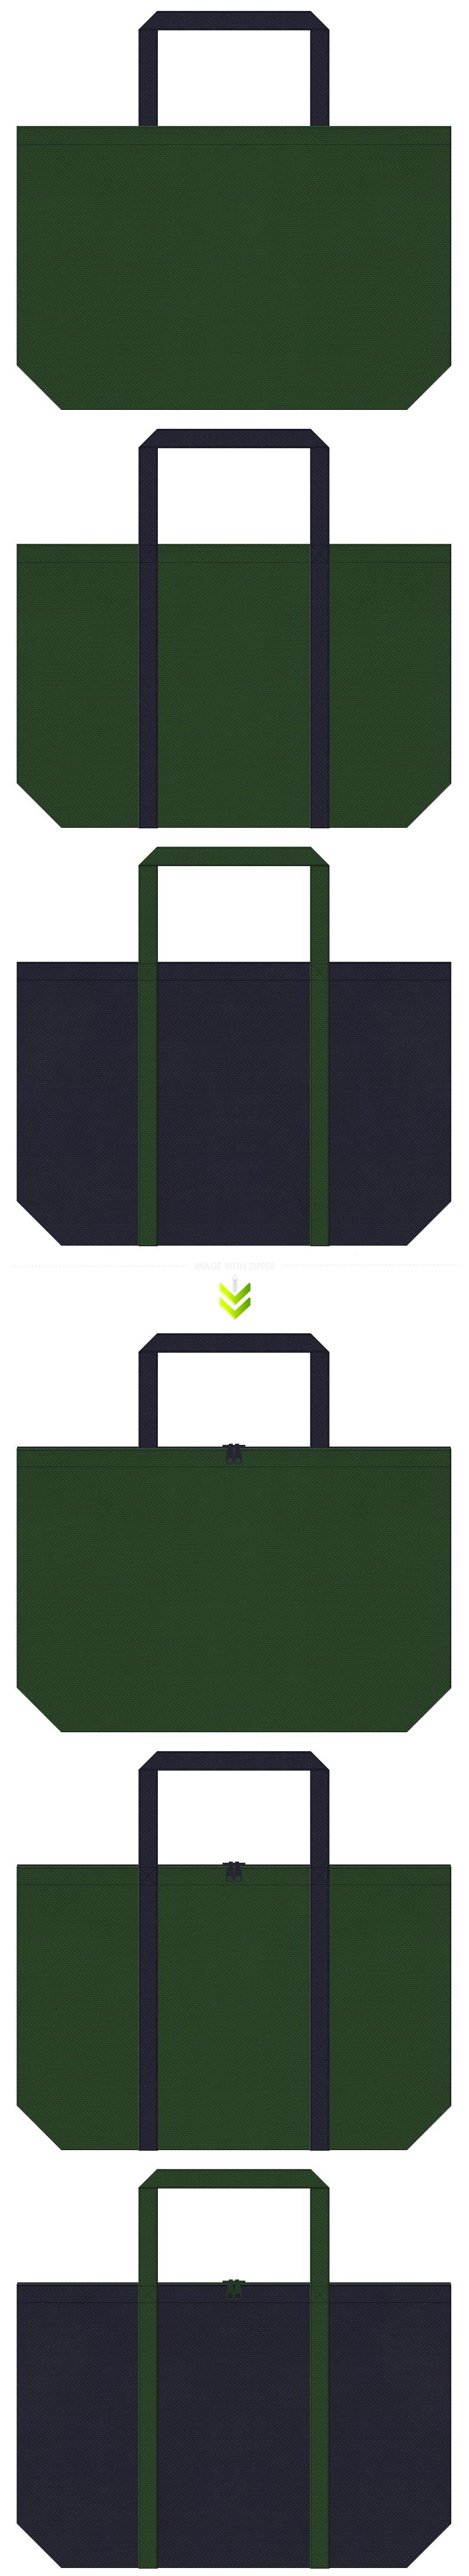 濃緑色と濃紺色の不織布エコバッグのデザイン。メンズ商品のショッピングバッグにお奨めの配色です。